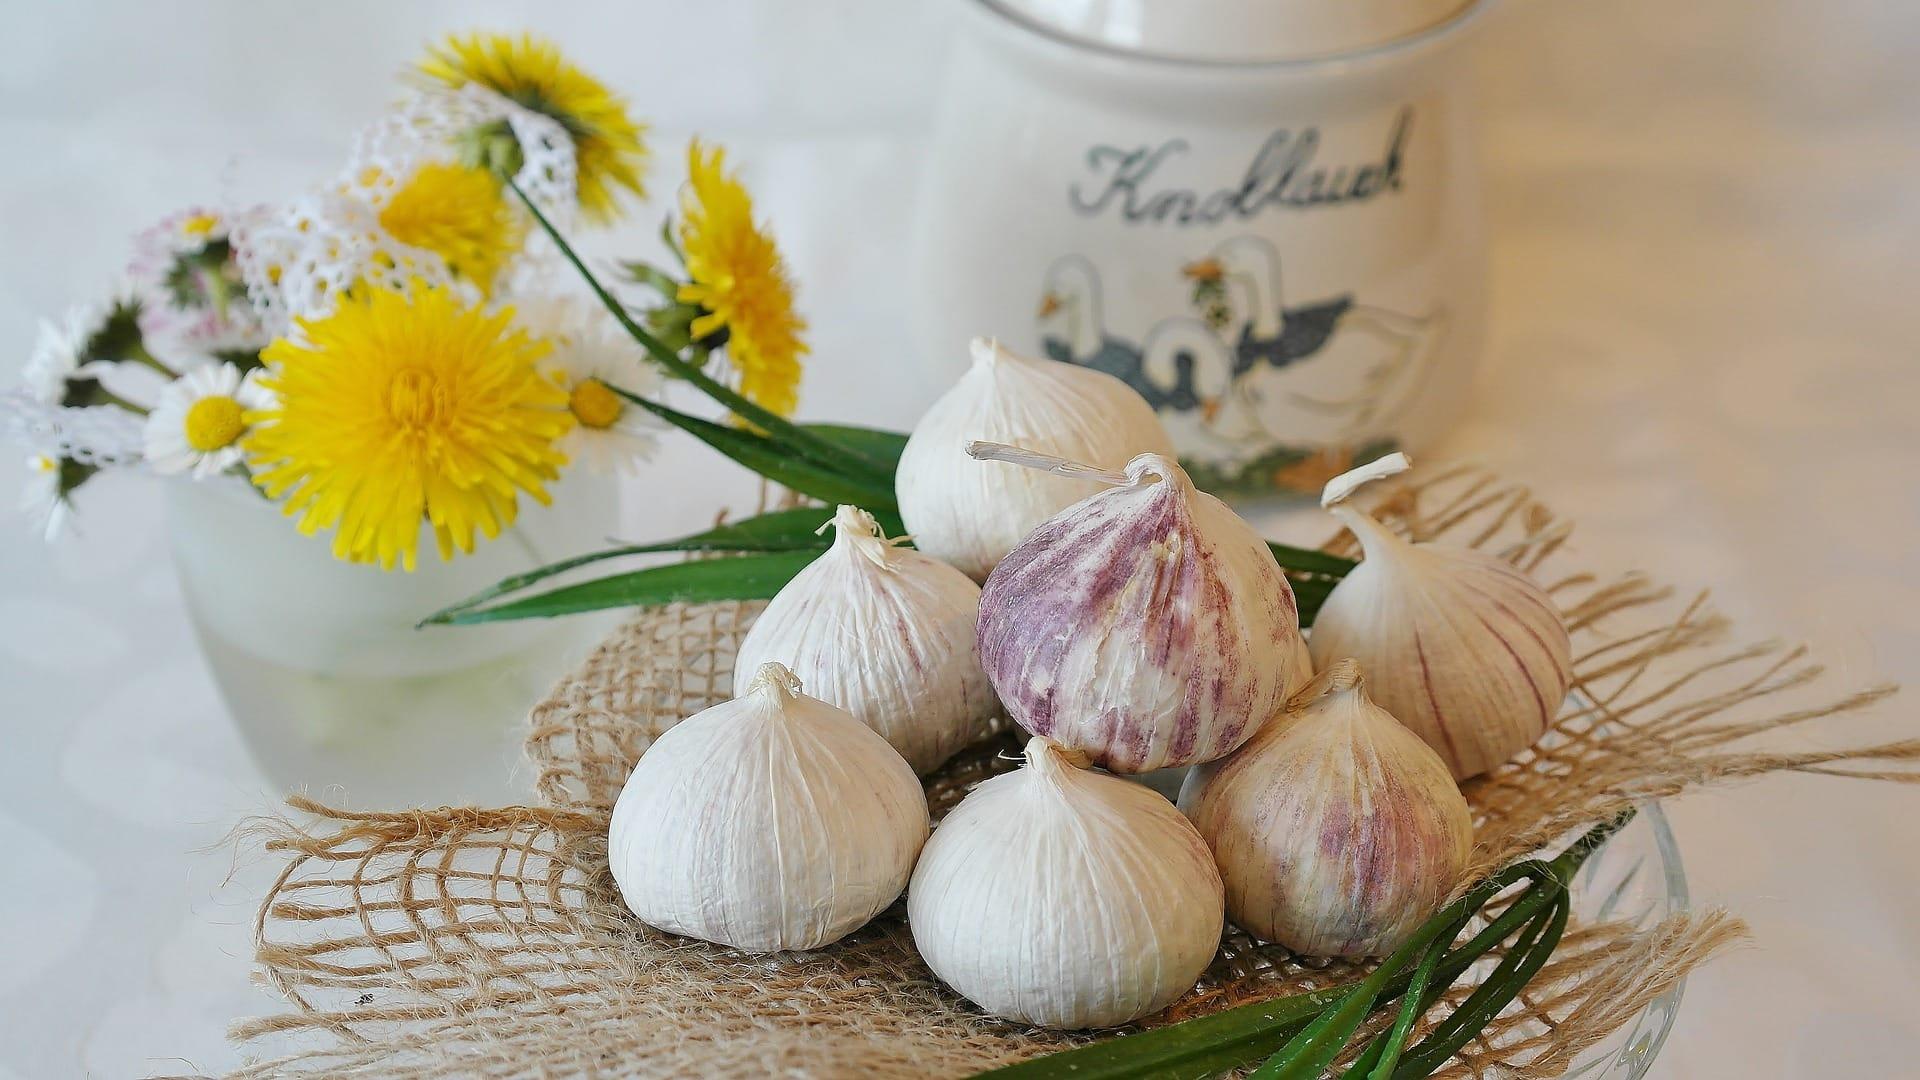 15+ Manfaat Bawang Putih Tunggal dan Madu yang Luar Biasa